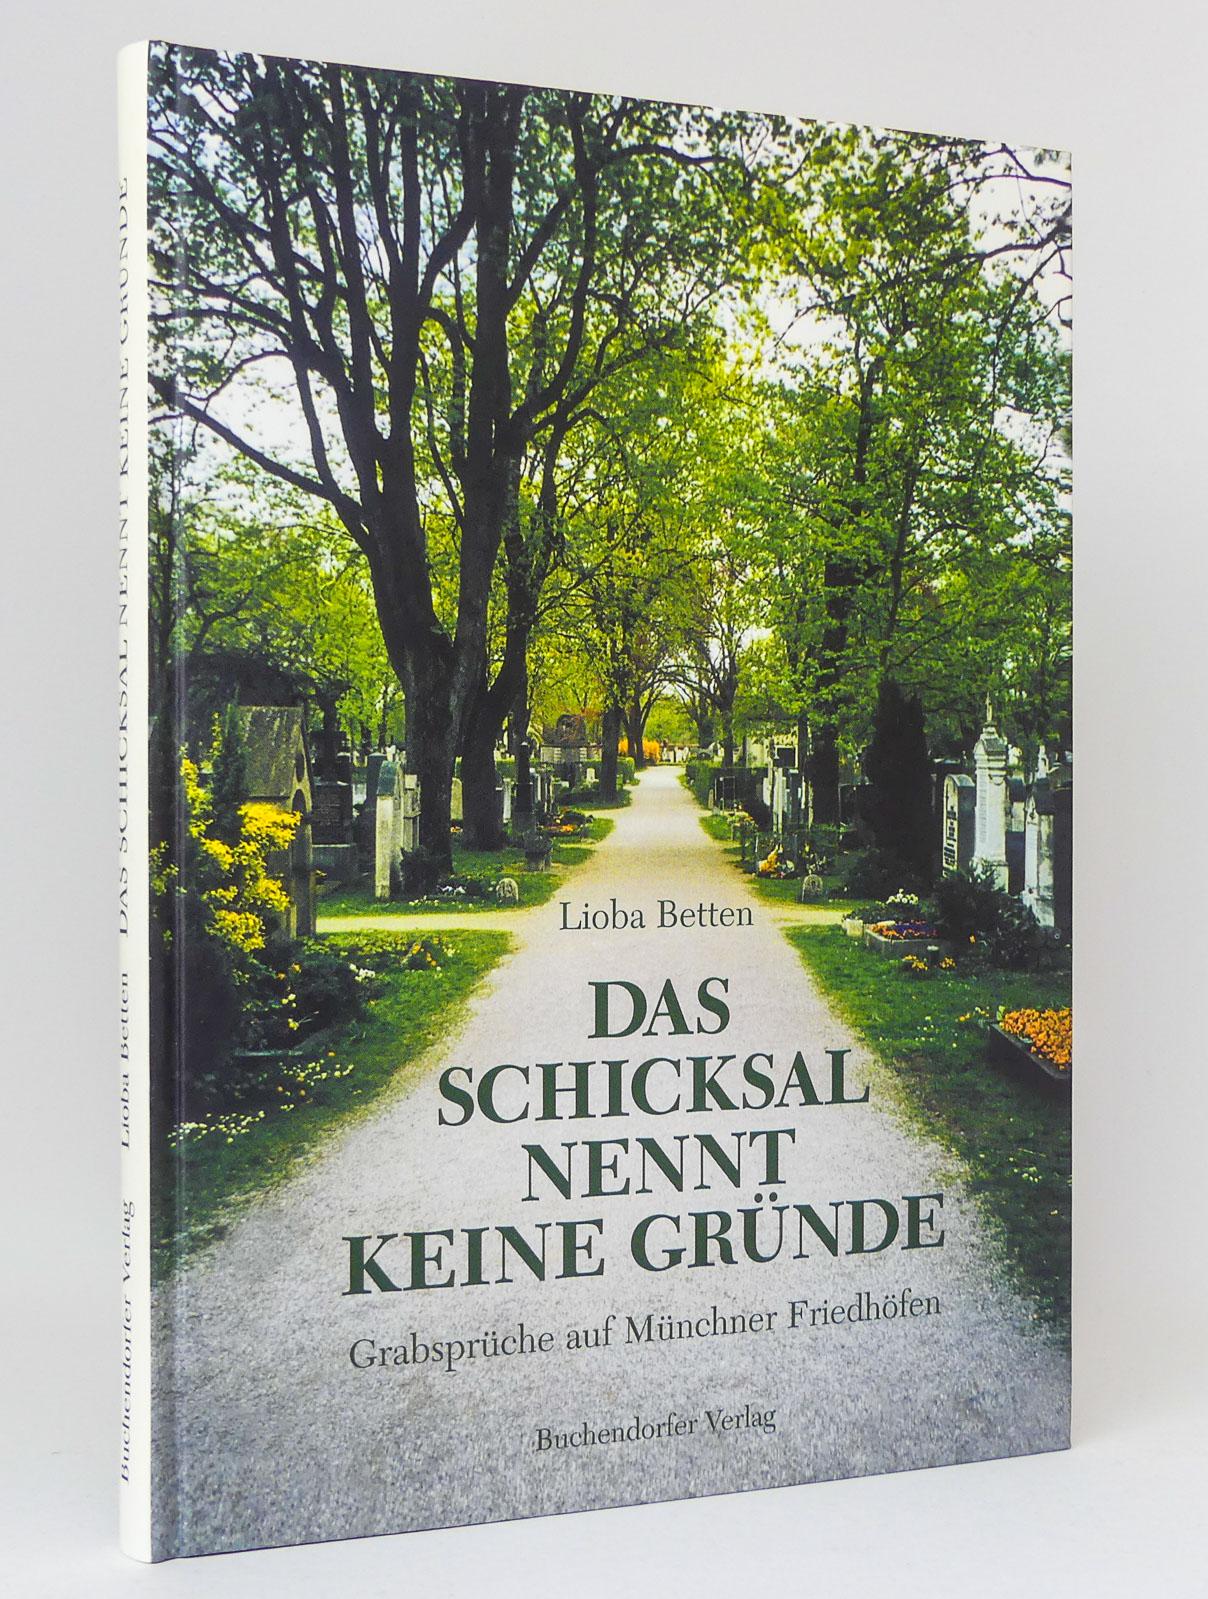 Das Schicksal nennt keine Gründe : Grabsprüche auf Münchner Friedhöfen